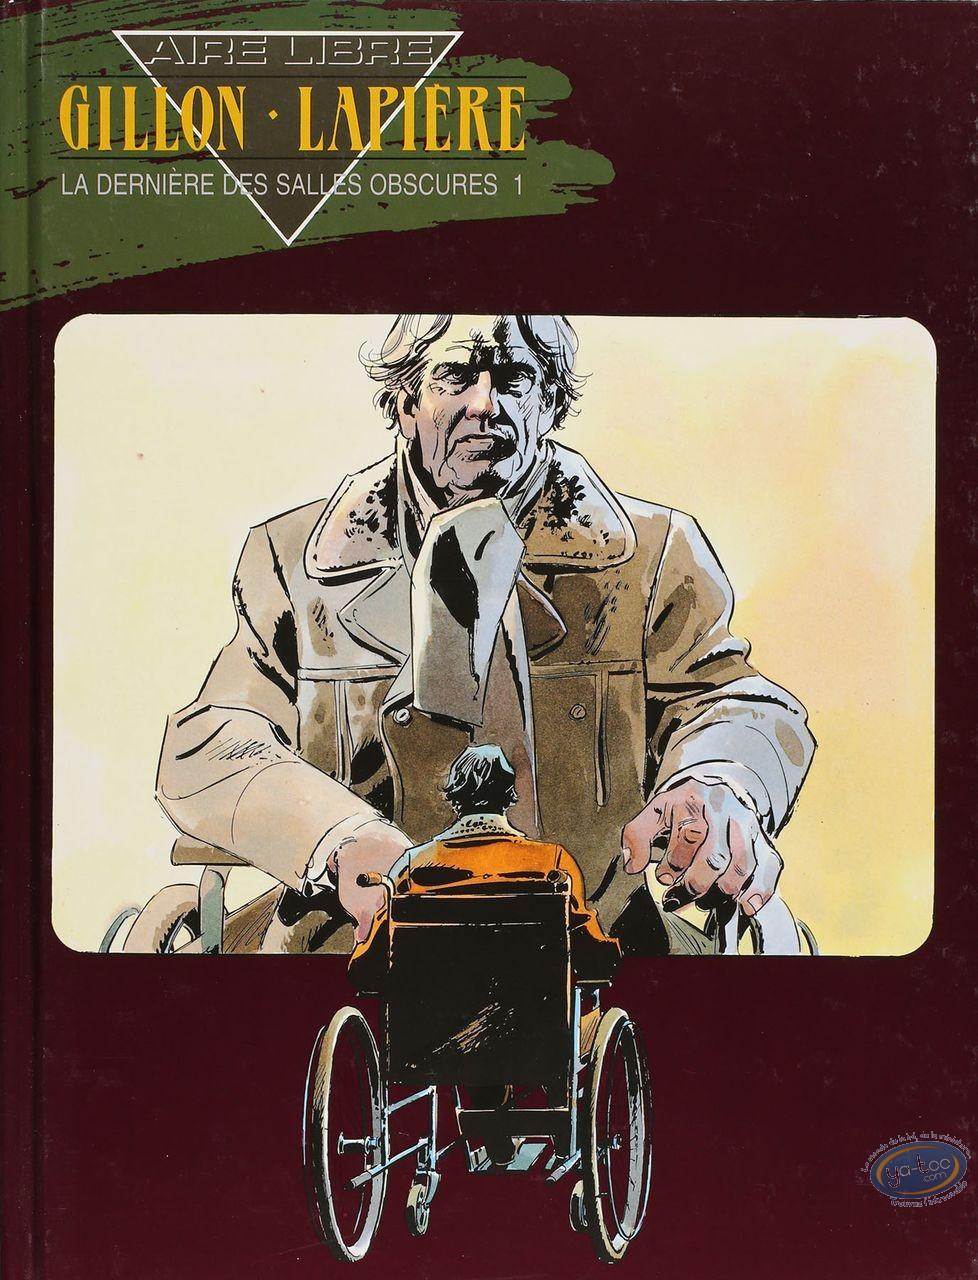 Listed European Comic Books, Dernière des Salles Obscures (La) : La Dernière des Salles Obscures